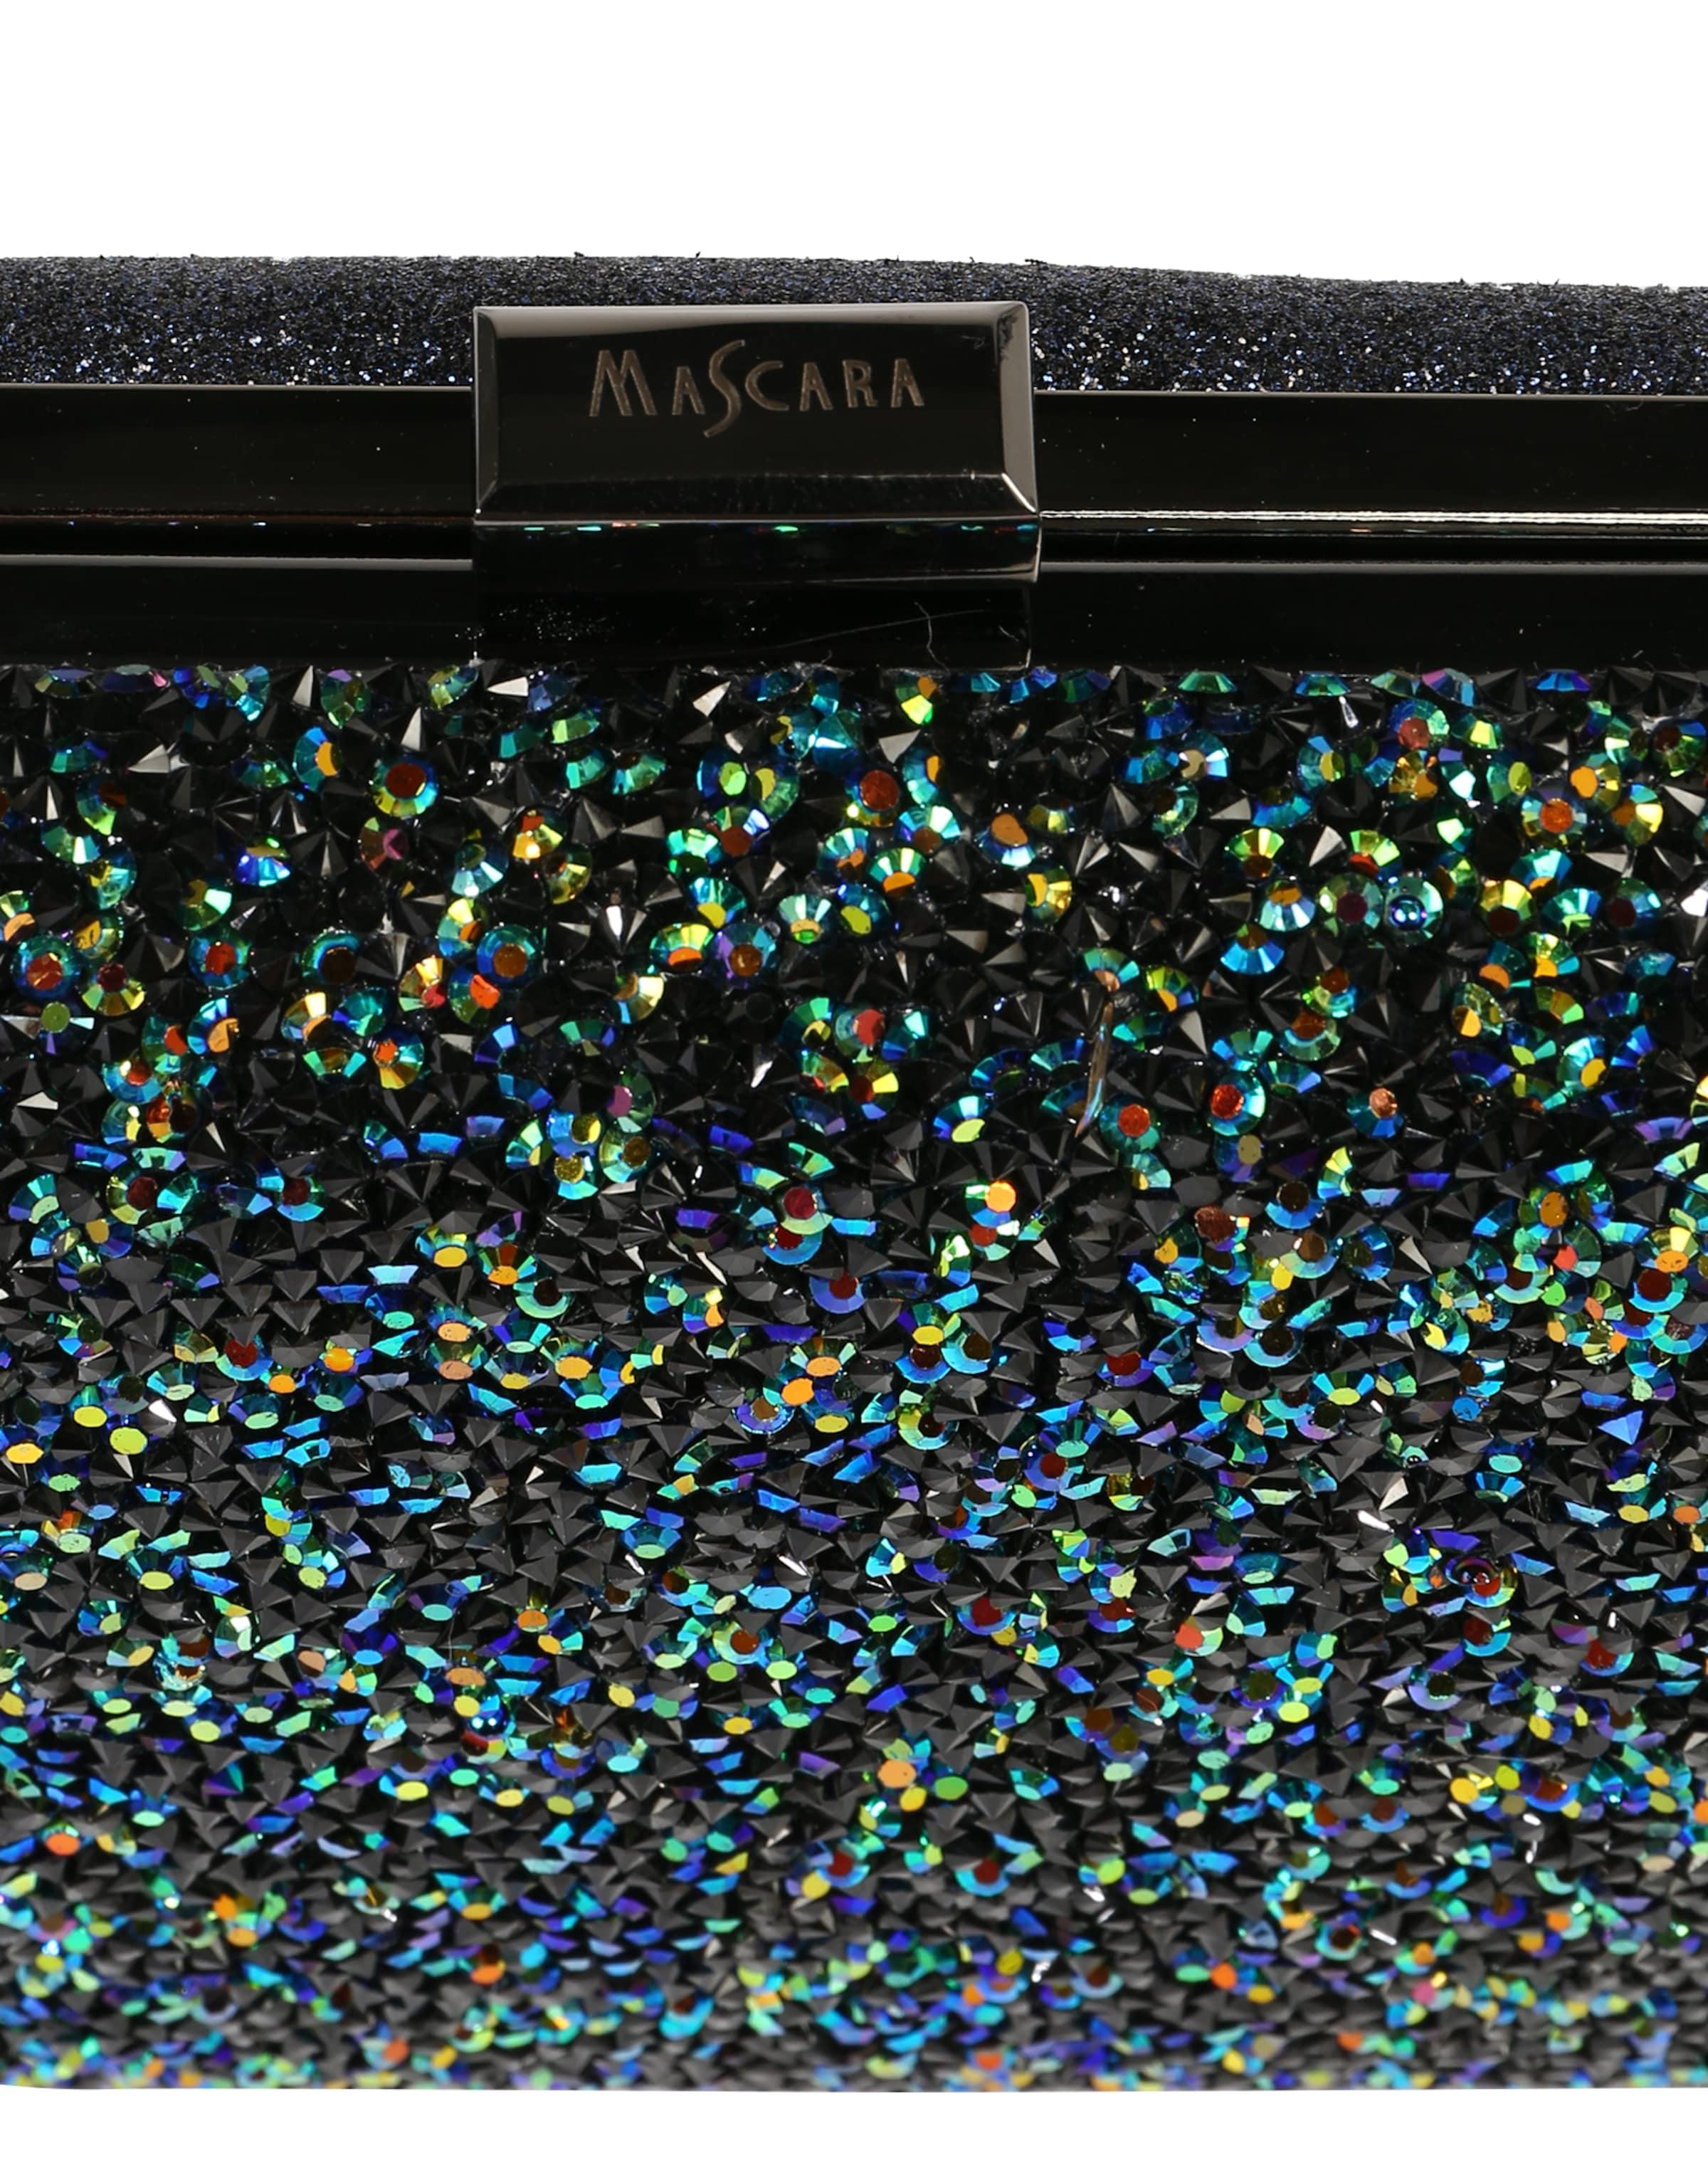 Billig Beliebt mascara Clutch mit Glitter Bester Speicher Billig Online Zu Bekommen fH0ROYh1wc